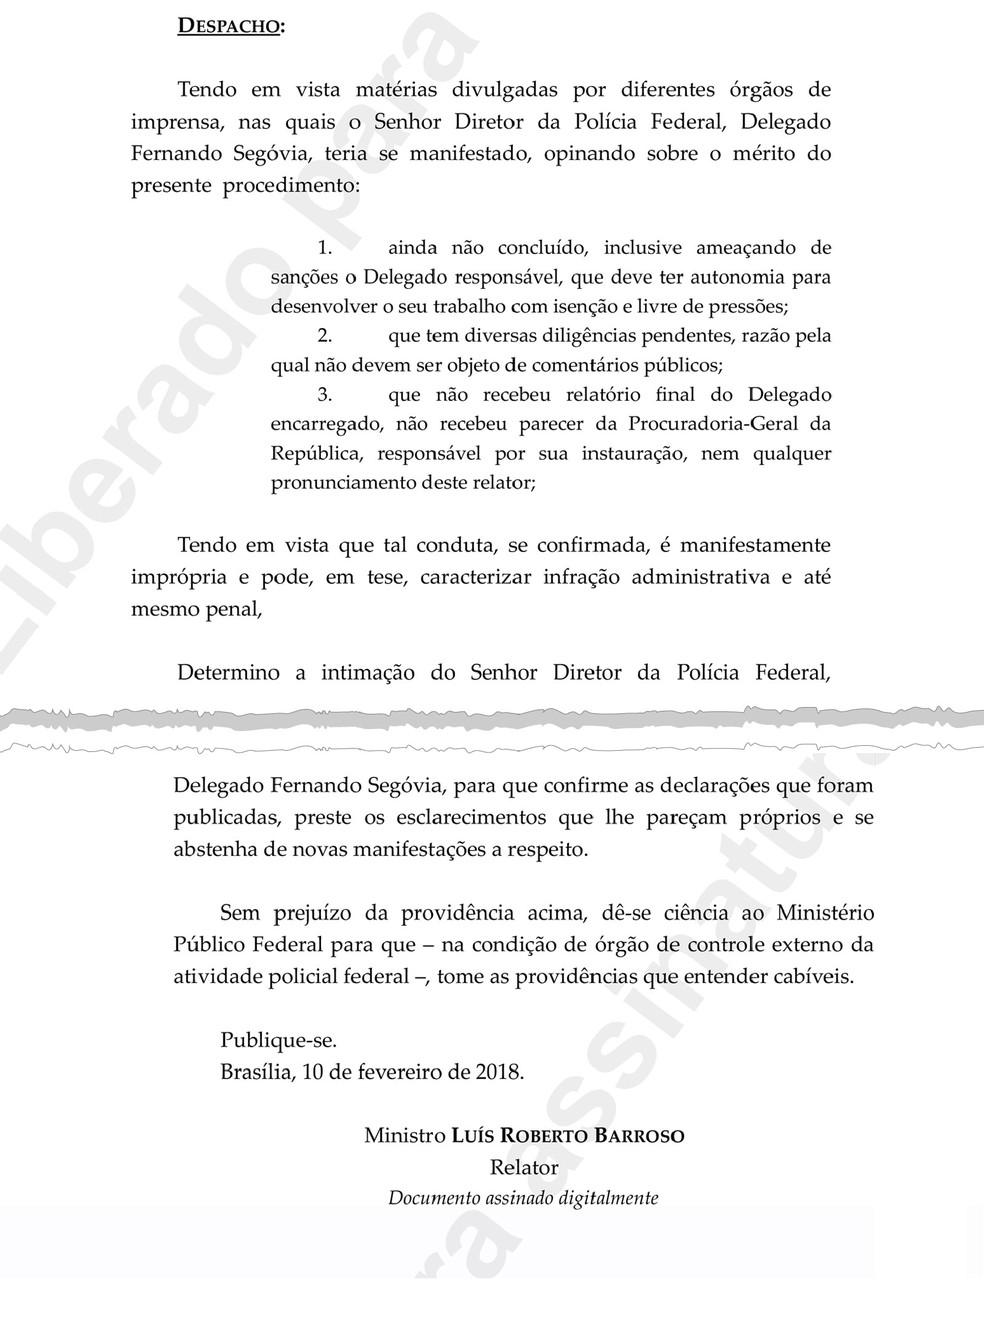 Trecho de despacho em que Barroso determina que Segovia se 'abstenha de novas manifestaAi??Ai??es' sobre inquAi??rito (Foto: ReproduAi??A?o)